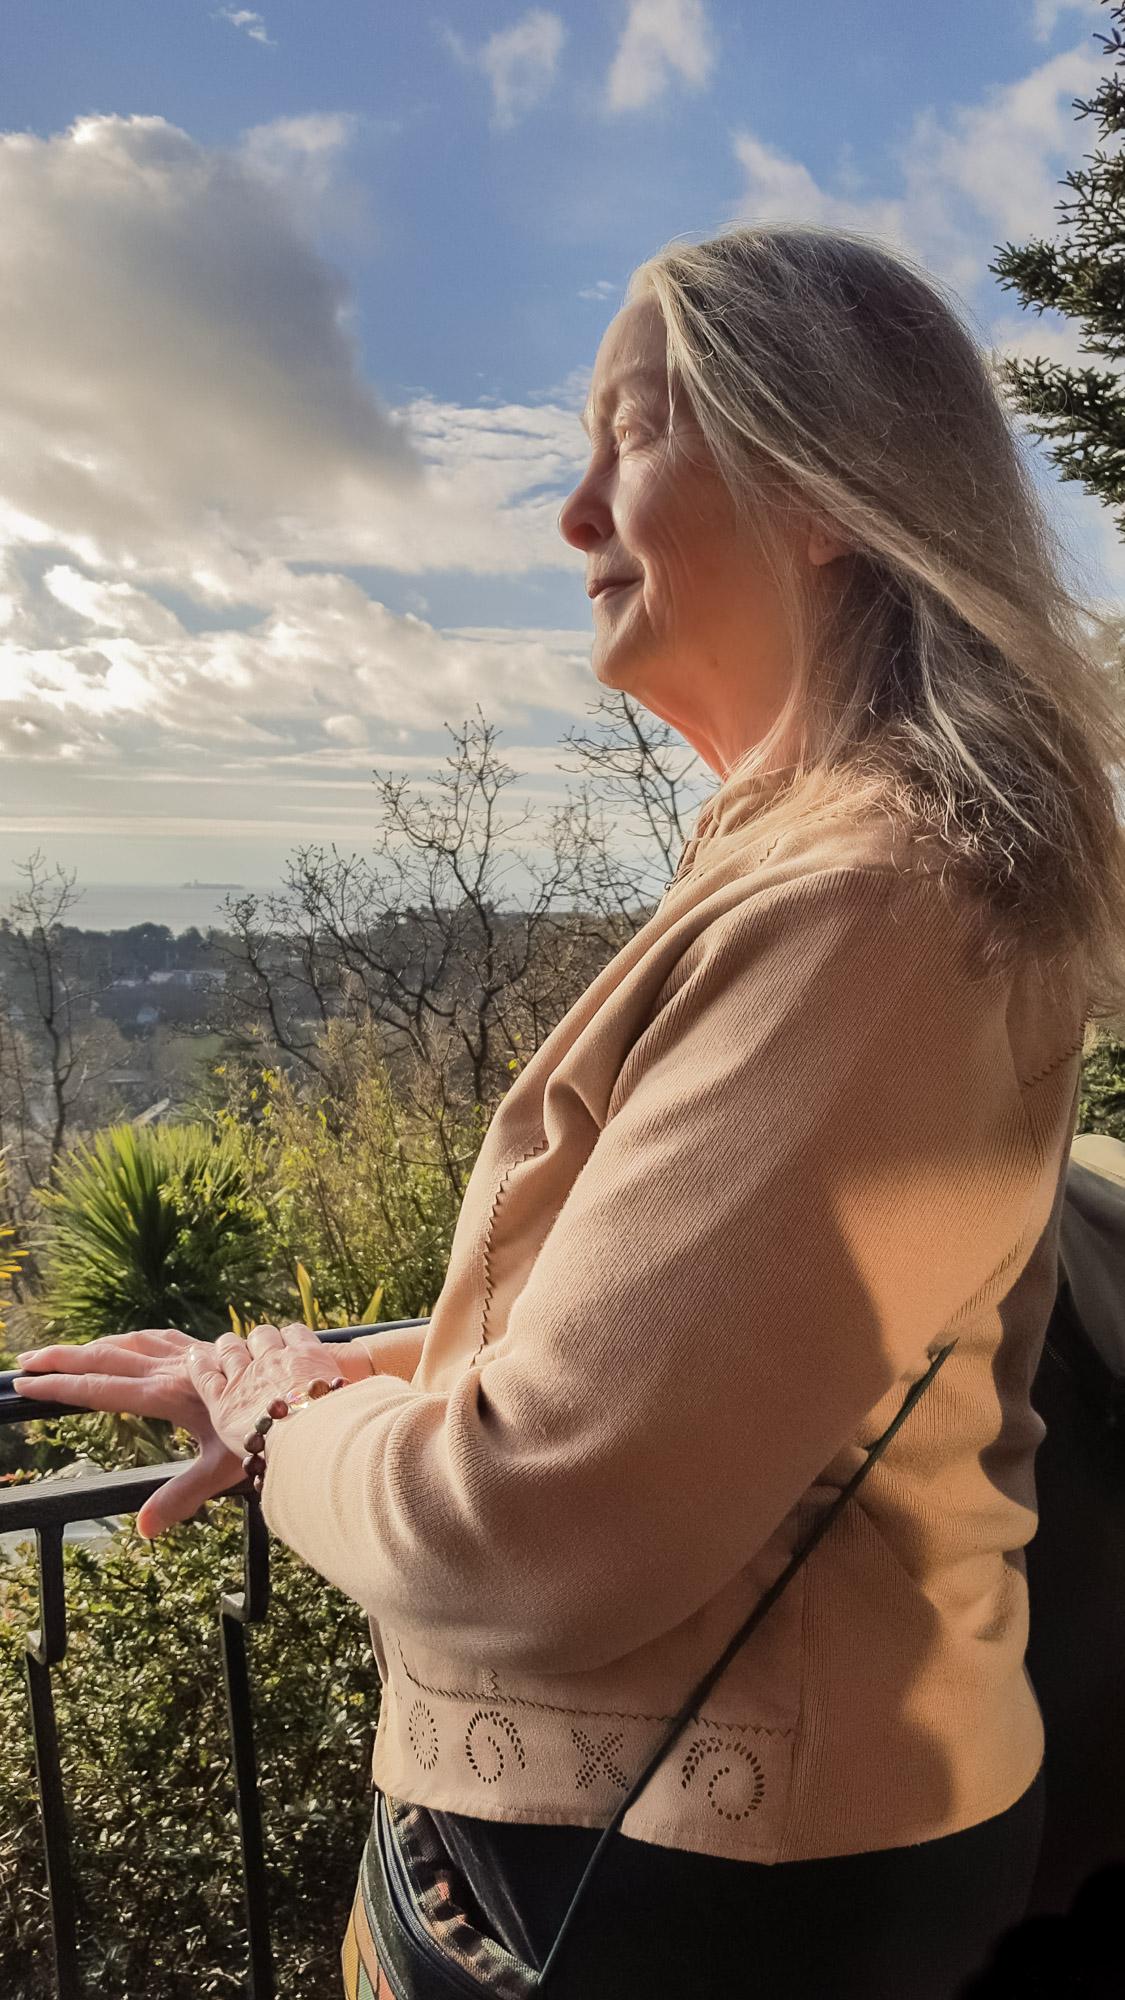 Marcia, January 1, 2019